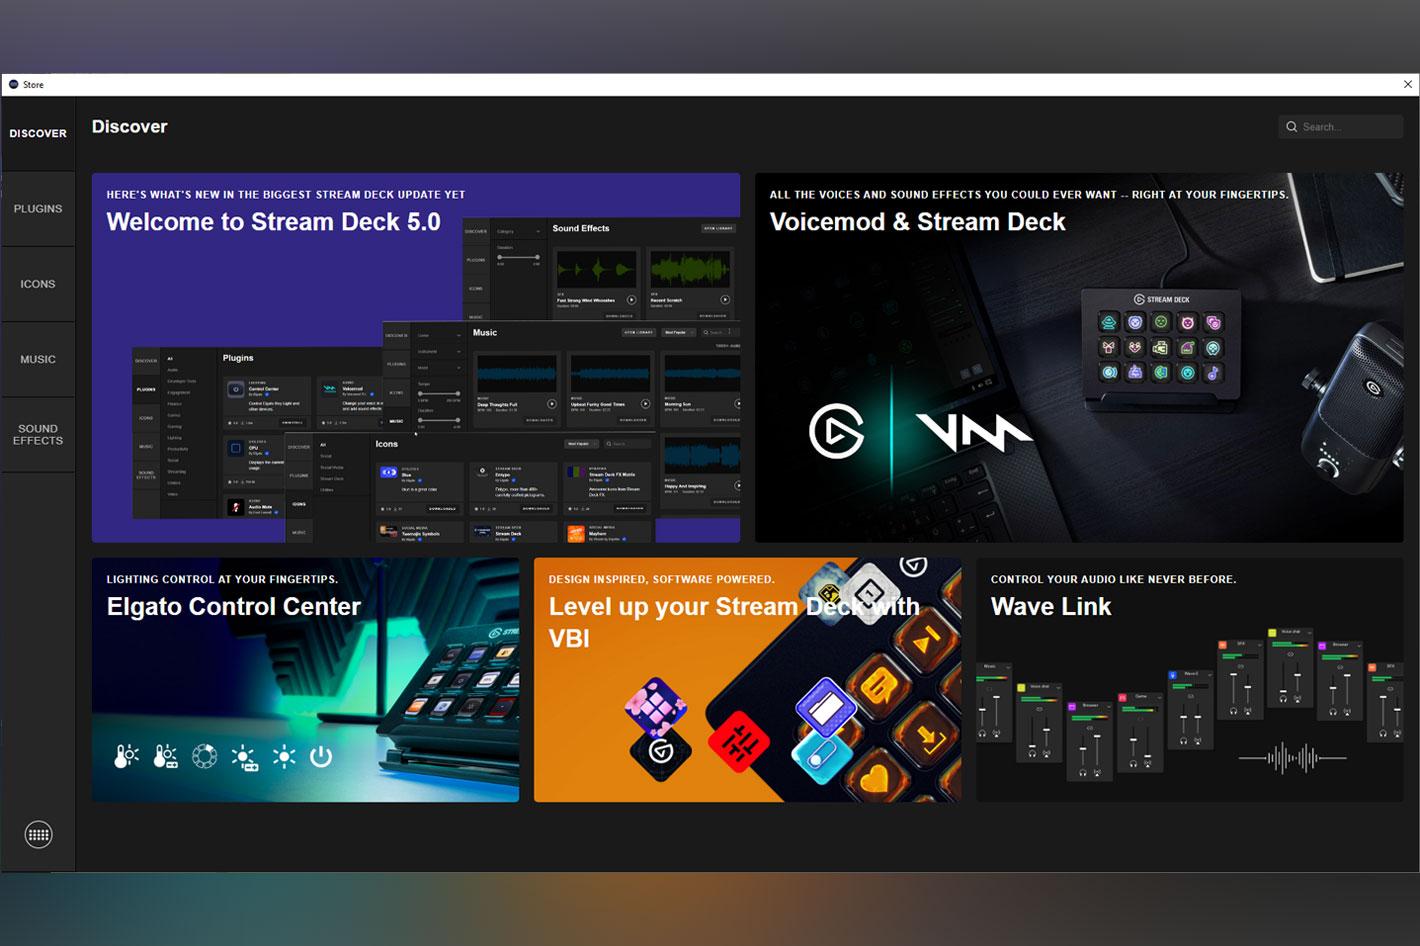 Elgato launches Stream Deck 5.0 app update